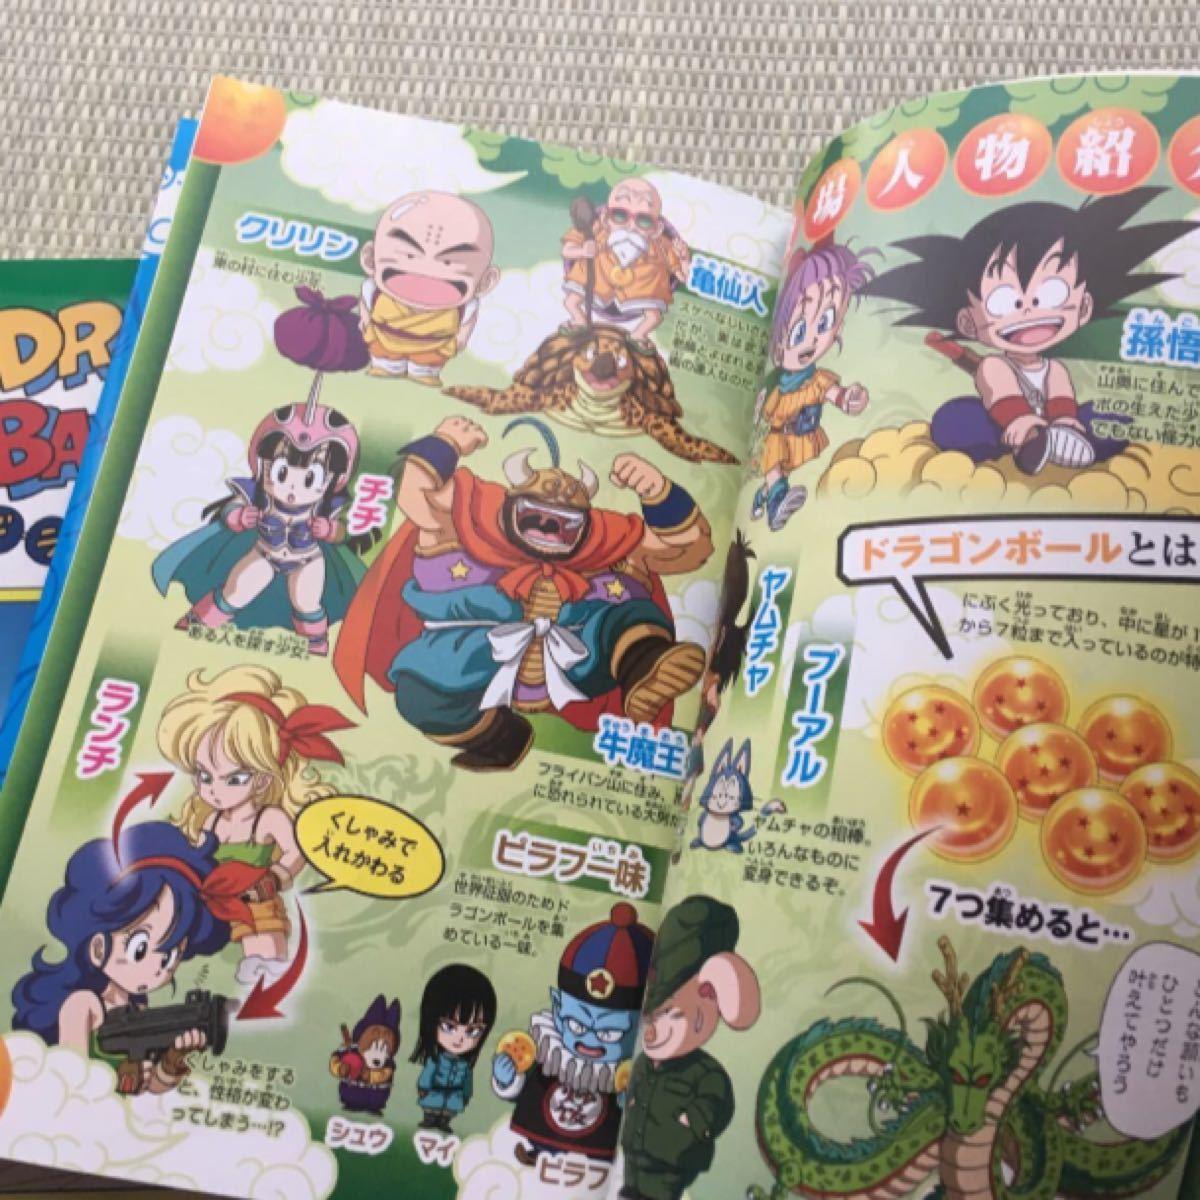 ドラゴンボール SD 漫画 カラー コミック 1巻 2巻 鳥山明 最強ジャンプ